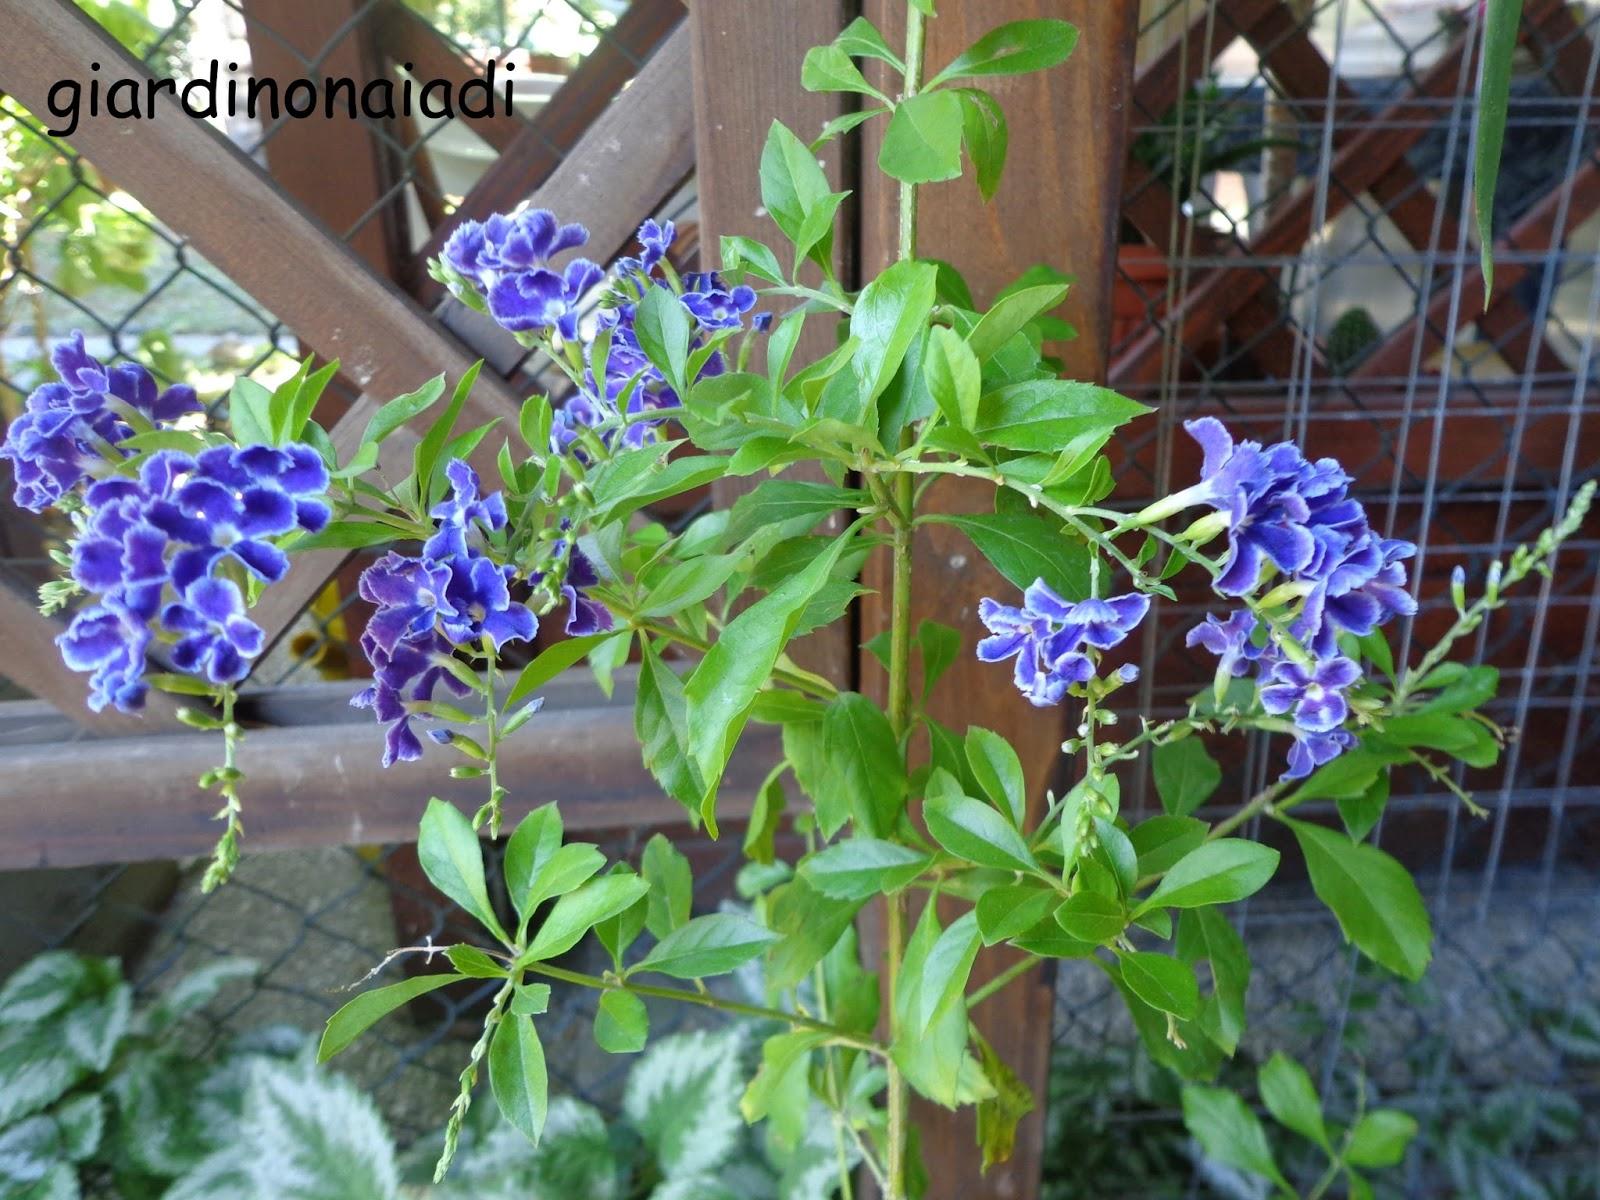 Il giardino delle naiadi duranta ellisia una novita 39 dal for Pianta rampicante con fiori viola a grappolo